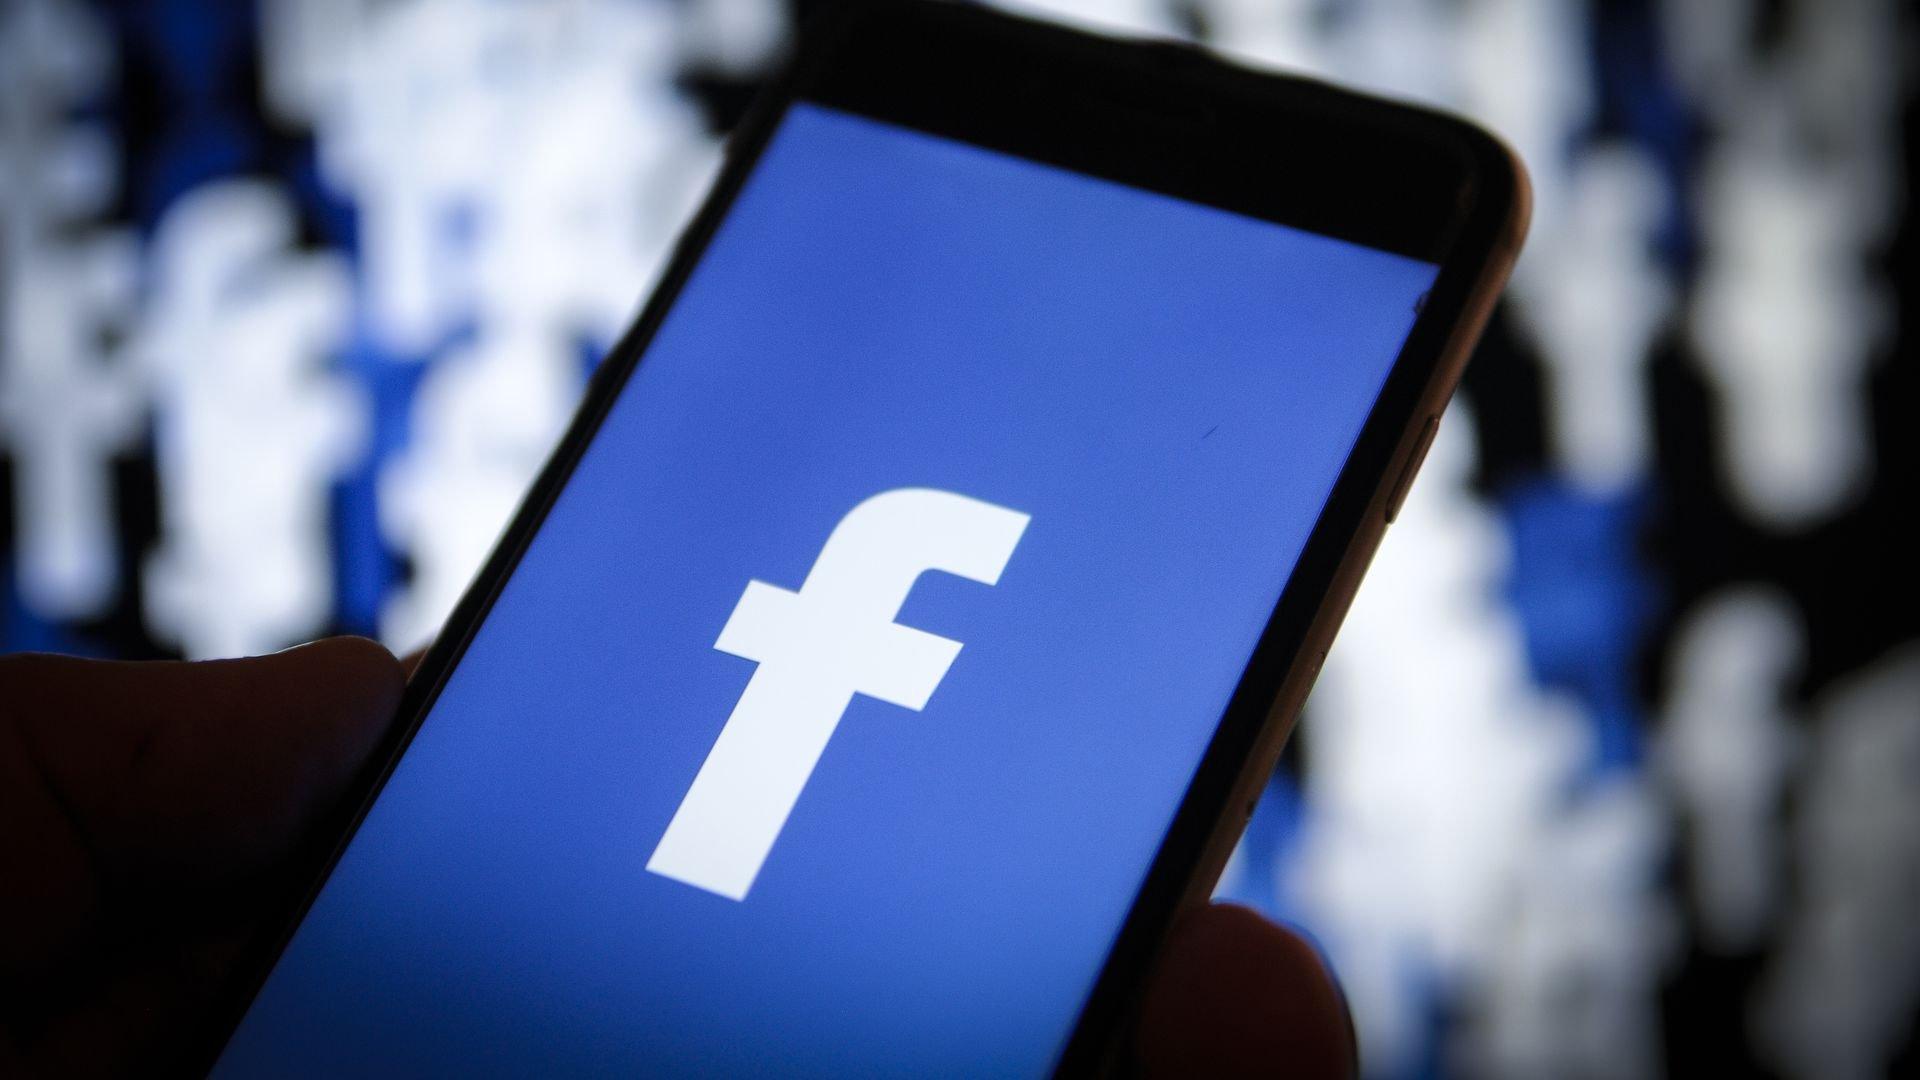 Разработчики приложений будут вынуждены заключить новый контракт с Facebook